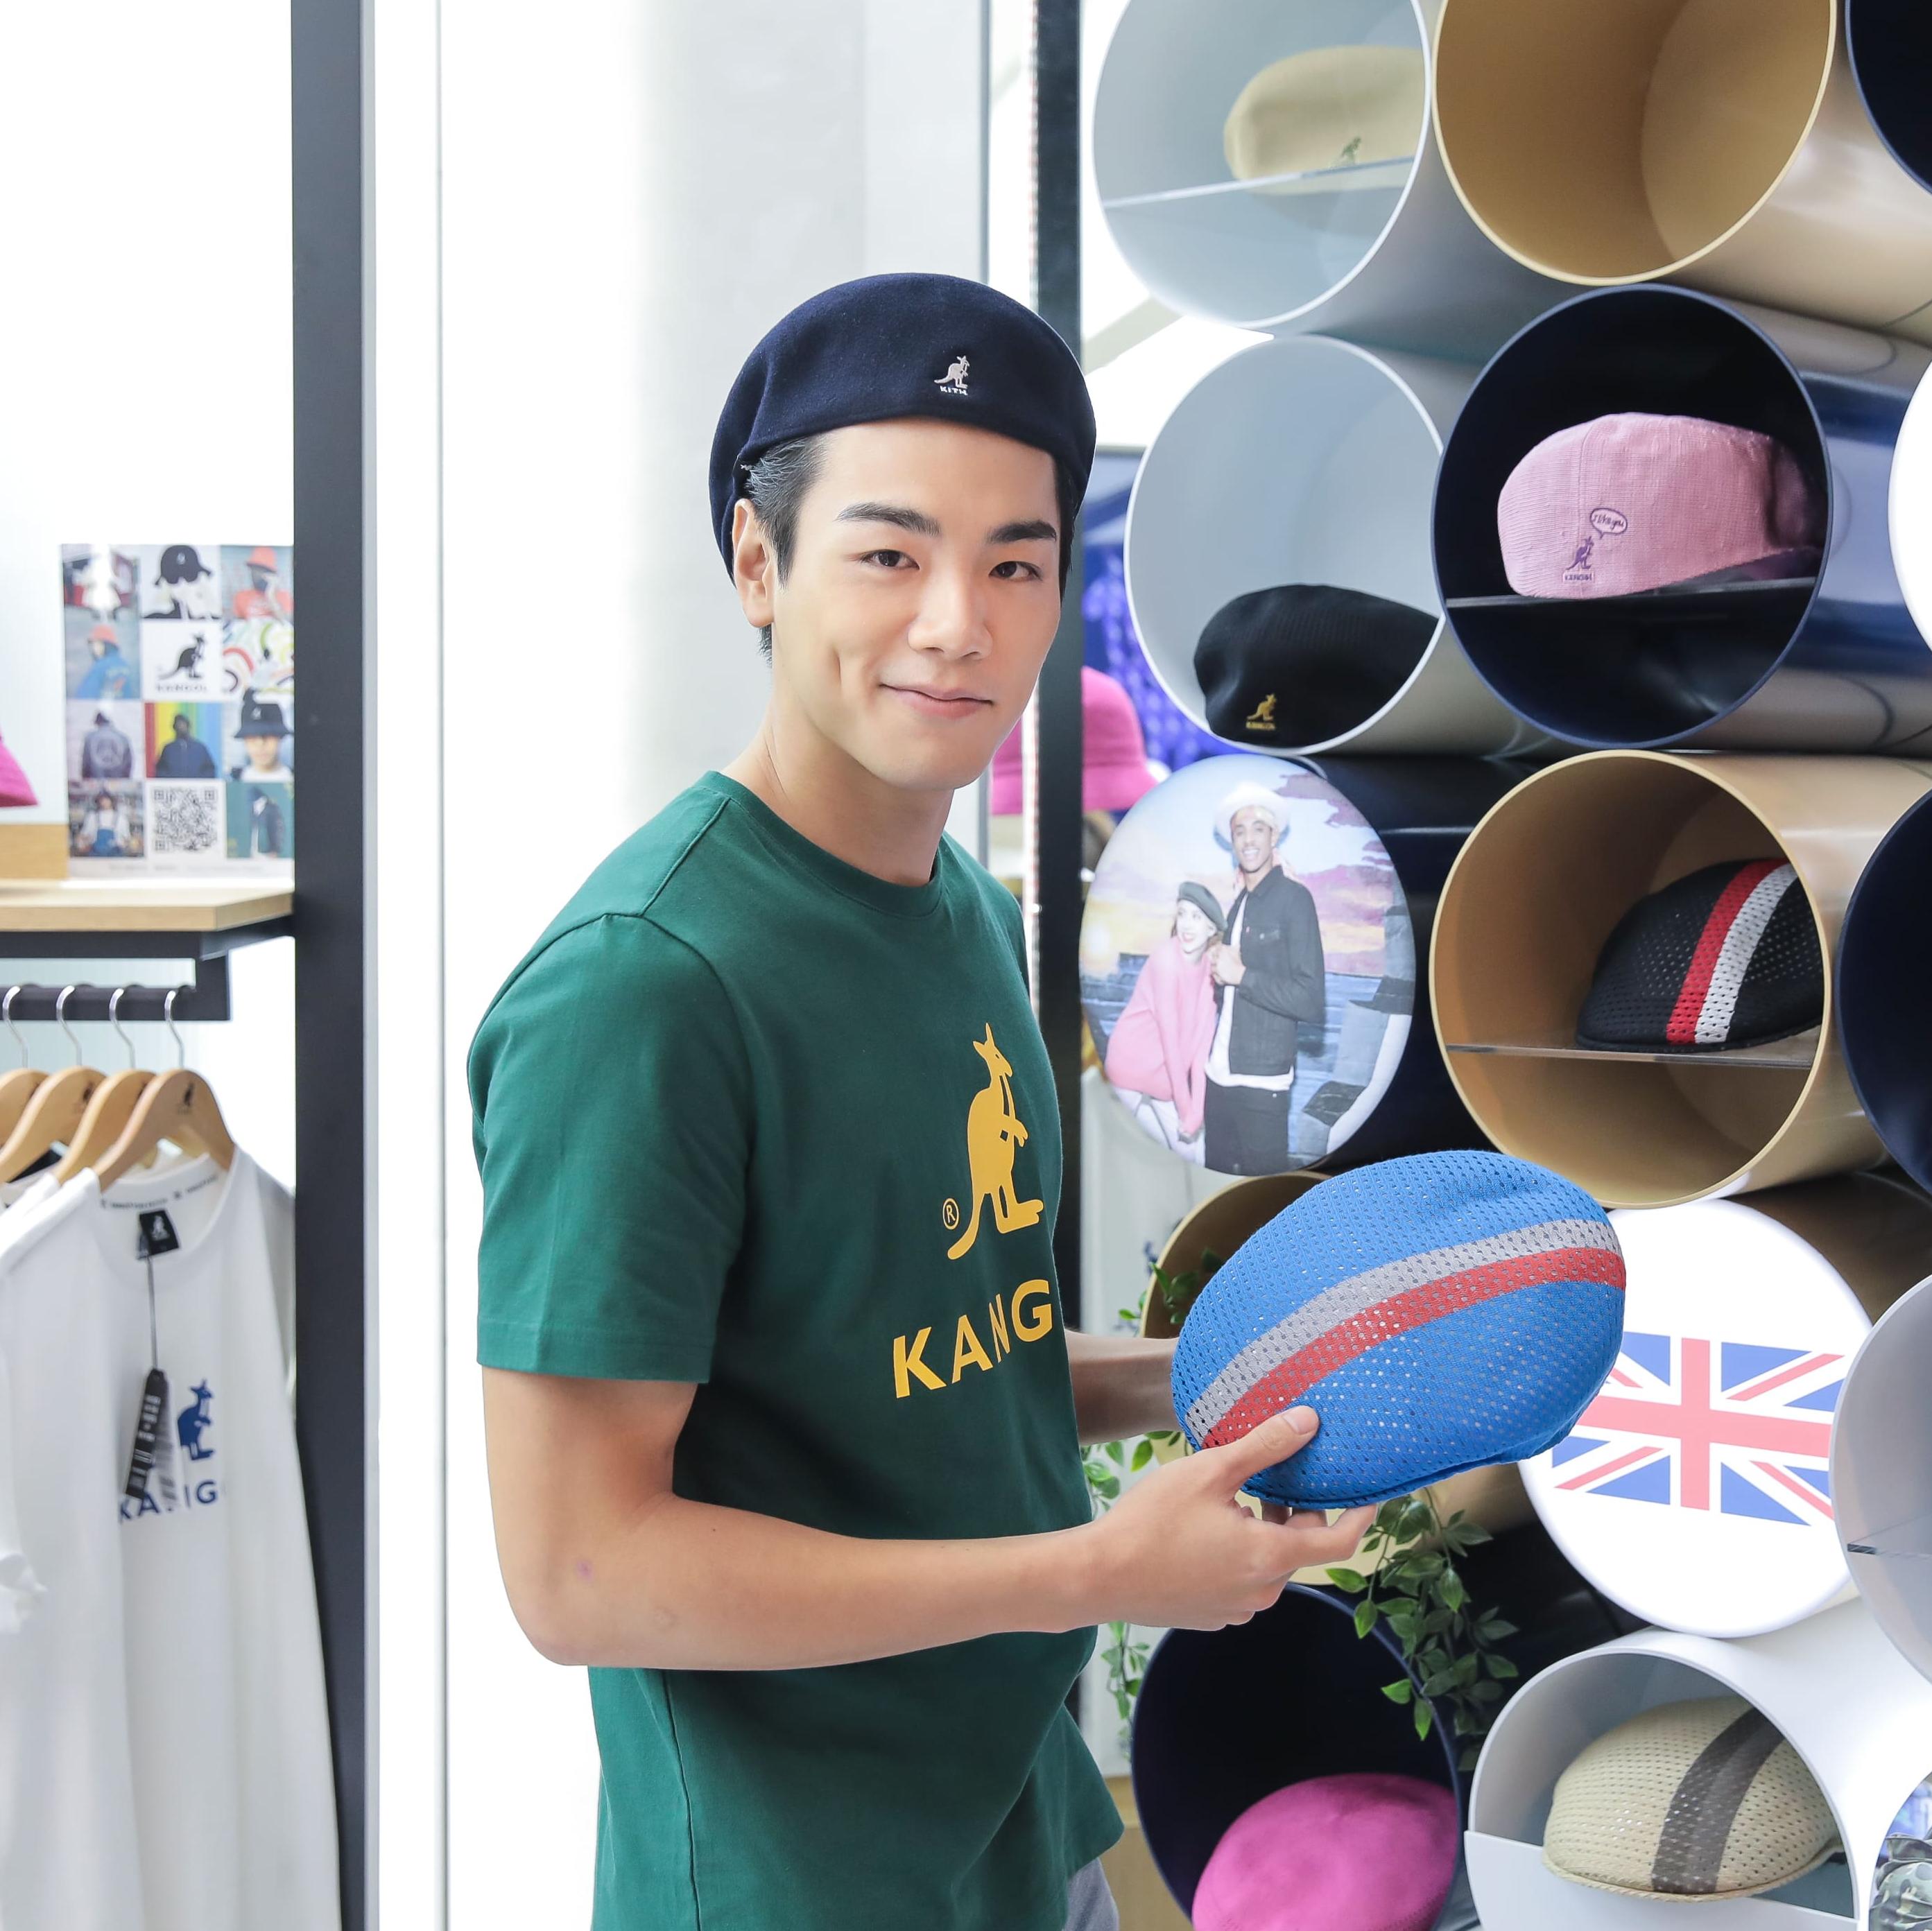 潮流零時差、限量聯名帽款同時曝光!英國帽牌 KANGOL 全台首家旗艦店盛大開幕